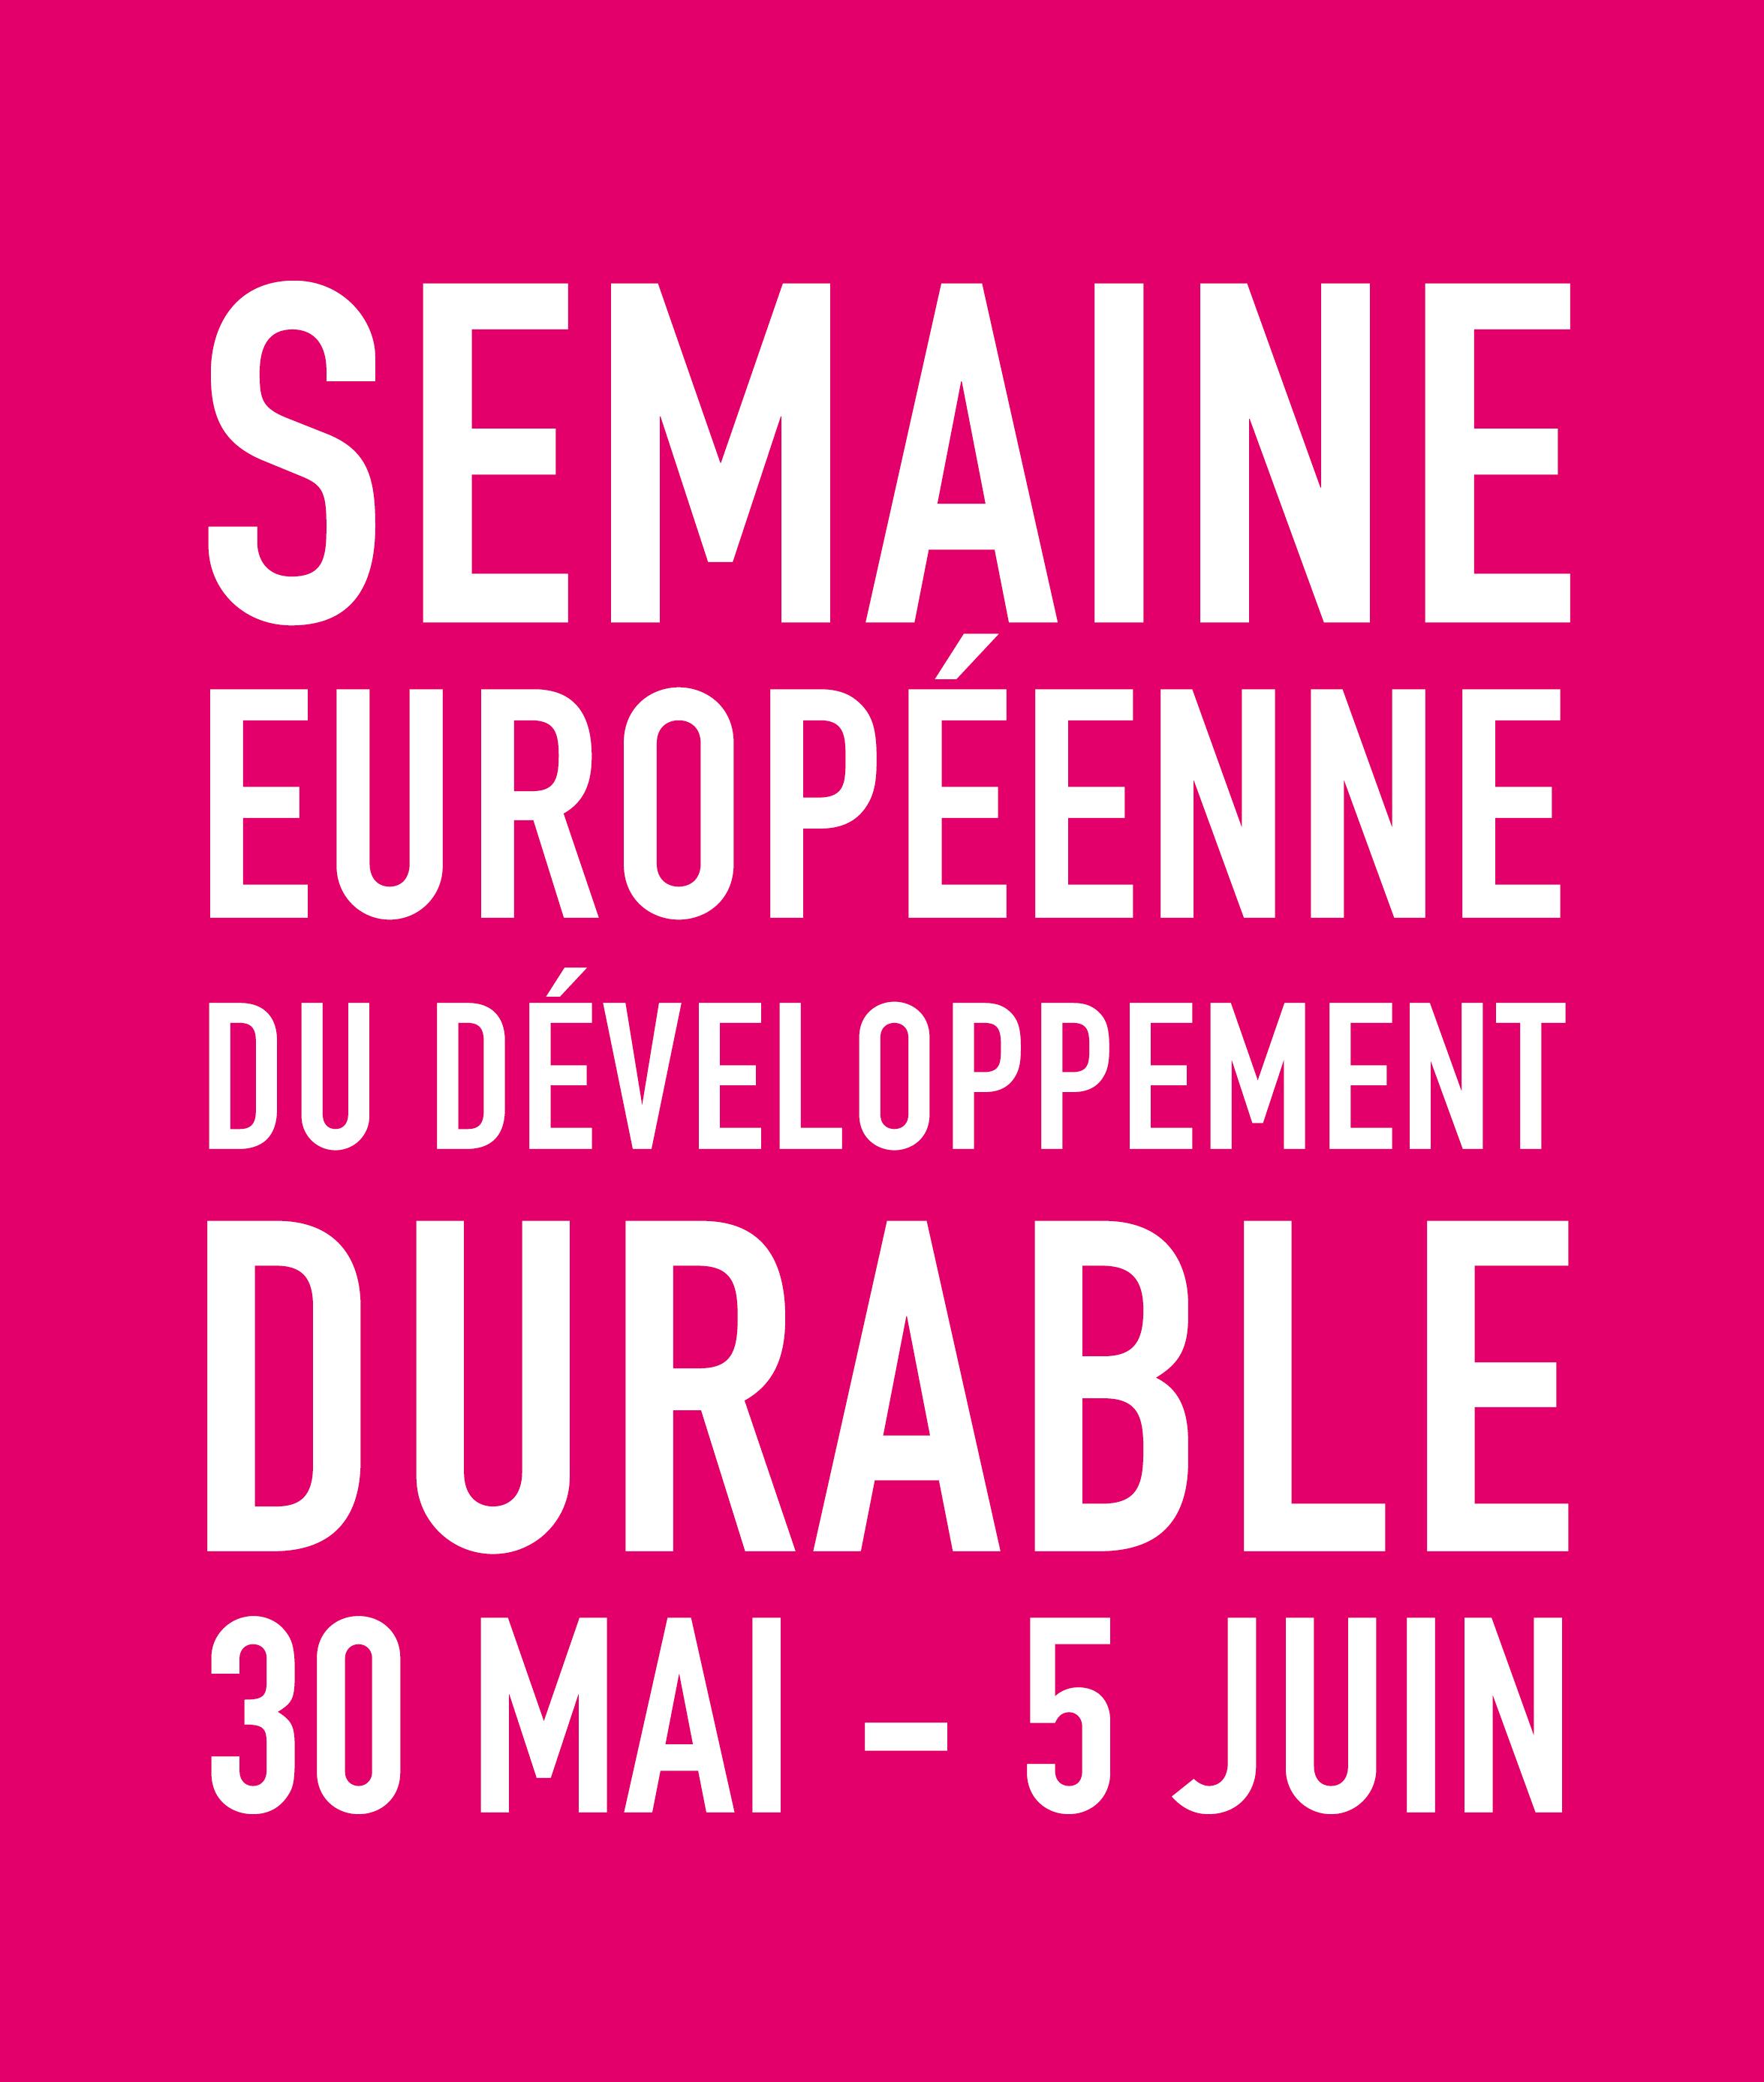 Semaine Européenne du Développement Durable du 30 mai au 5 juin